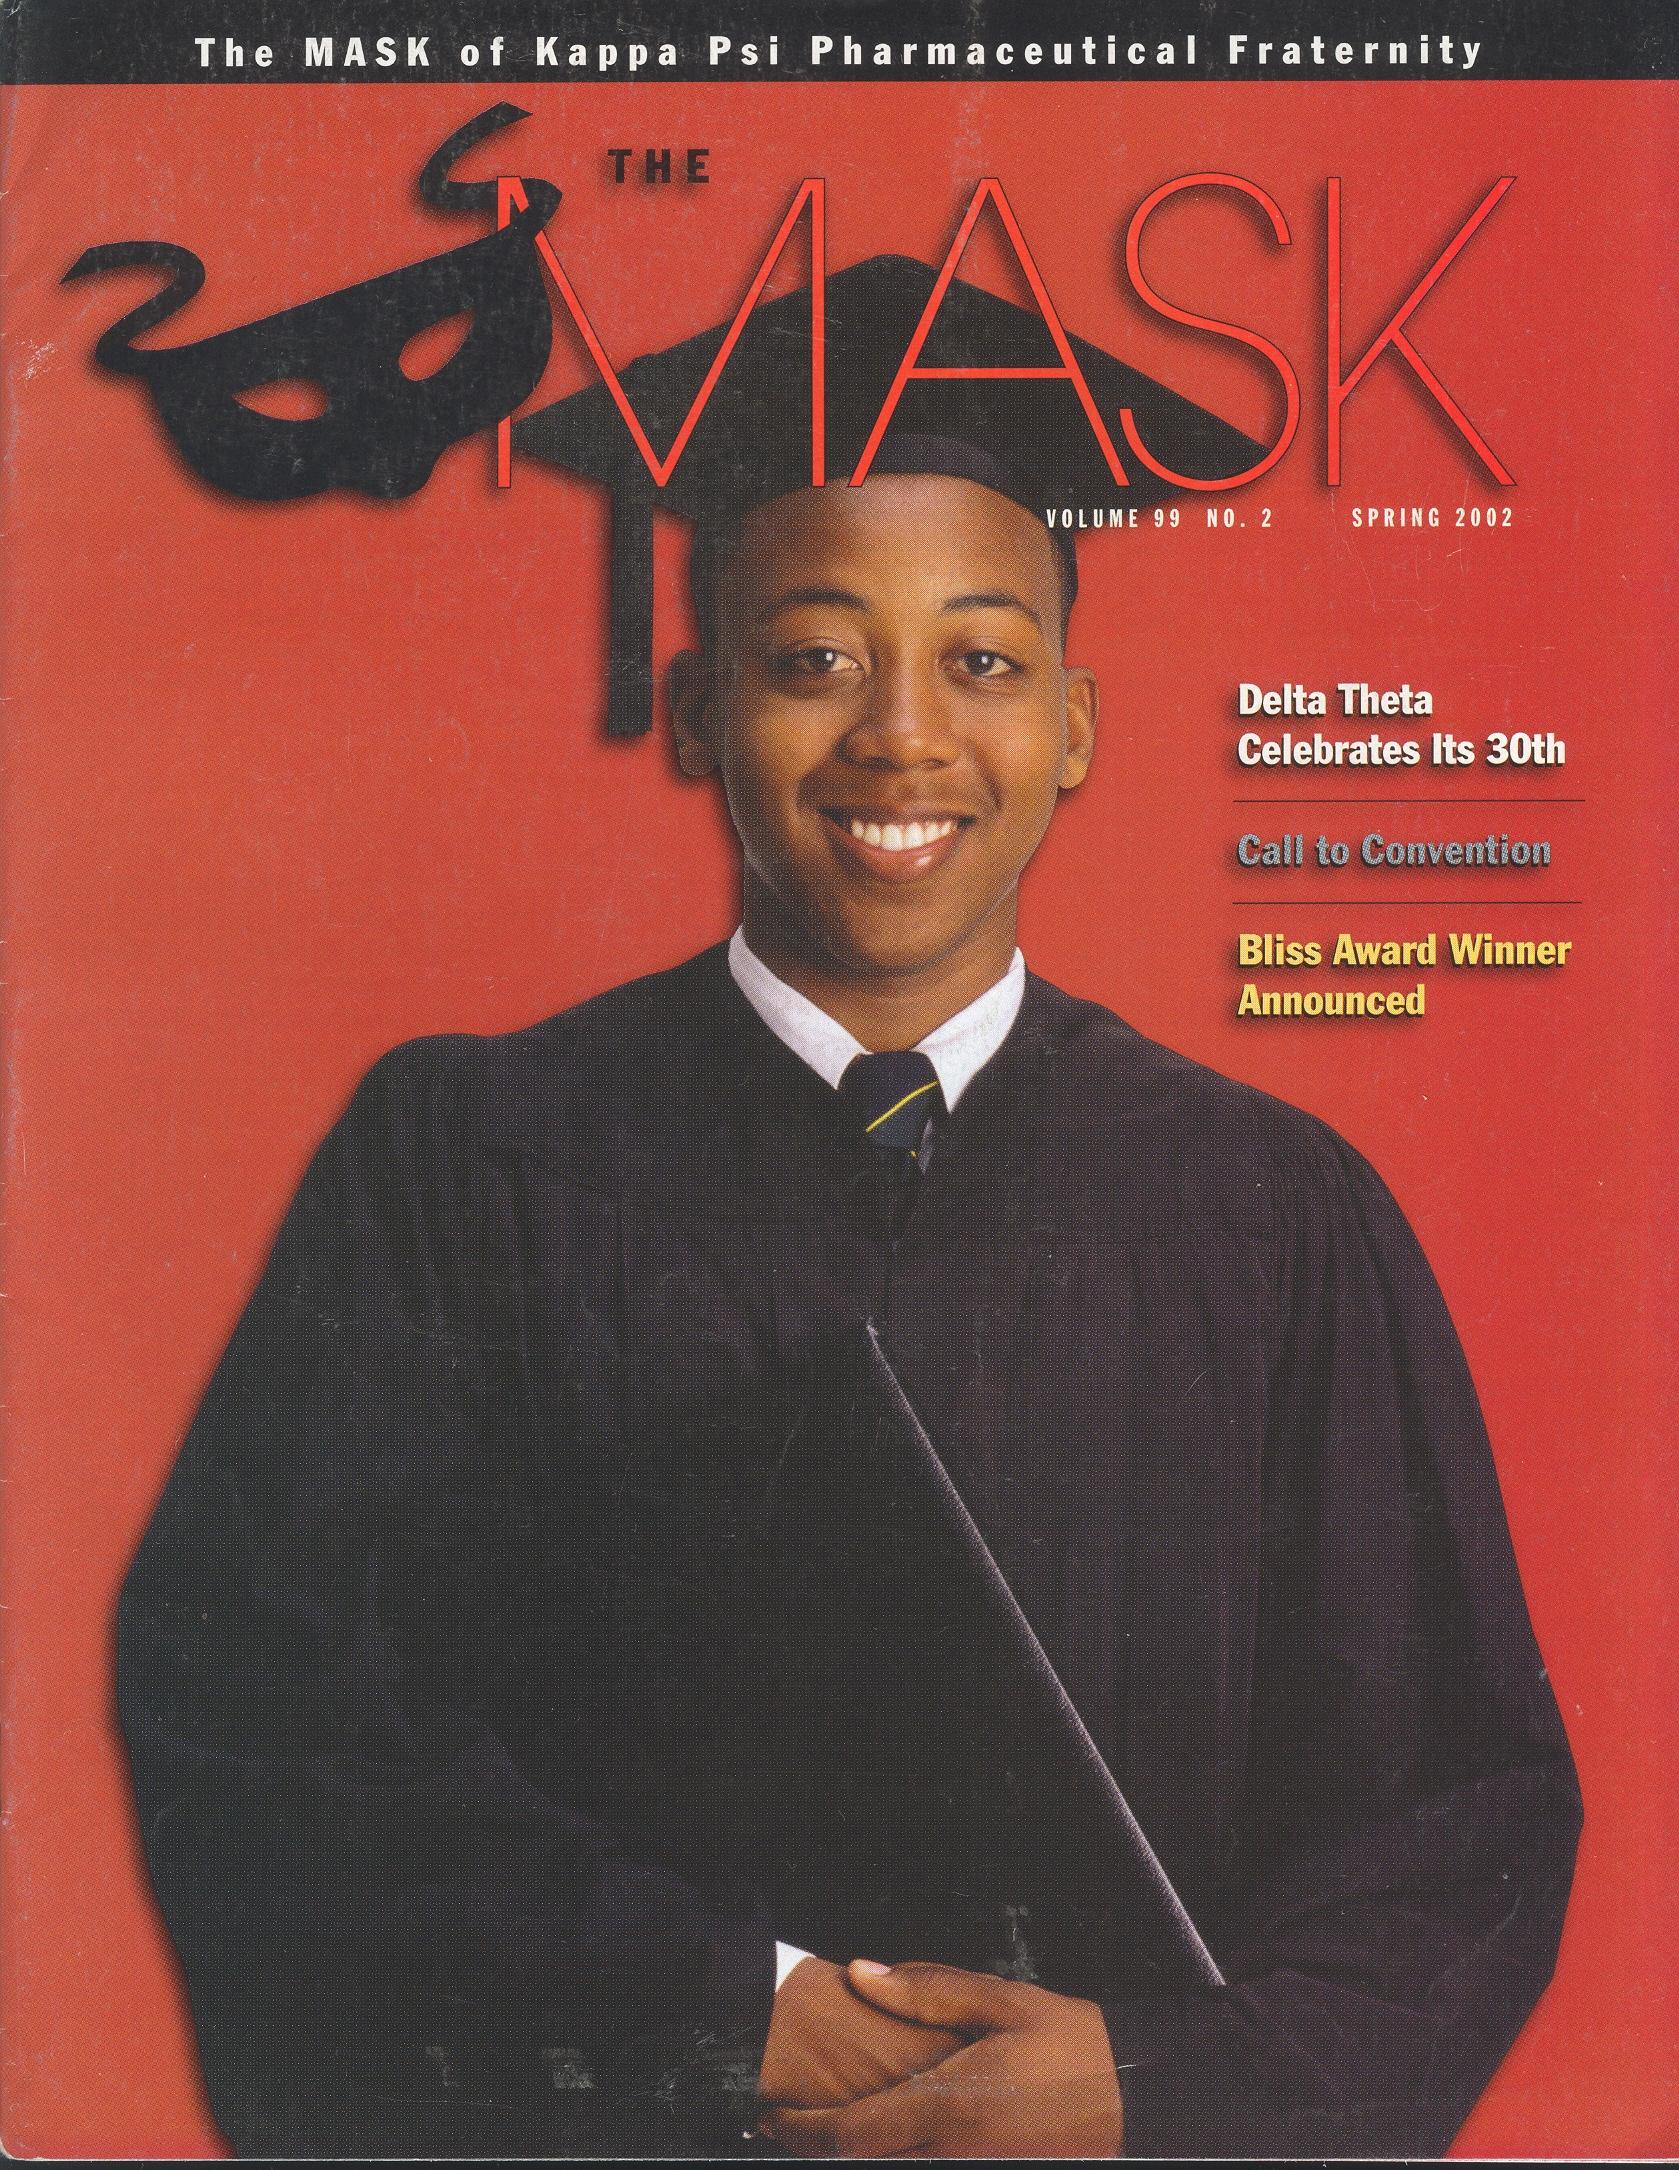 mask_cover_99-2_2002_spr.jpg